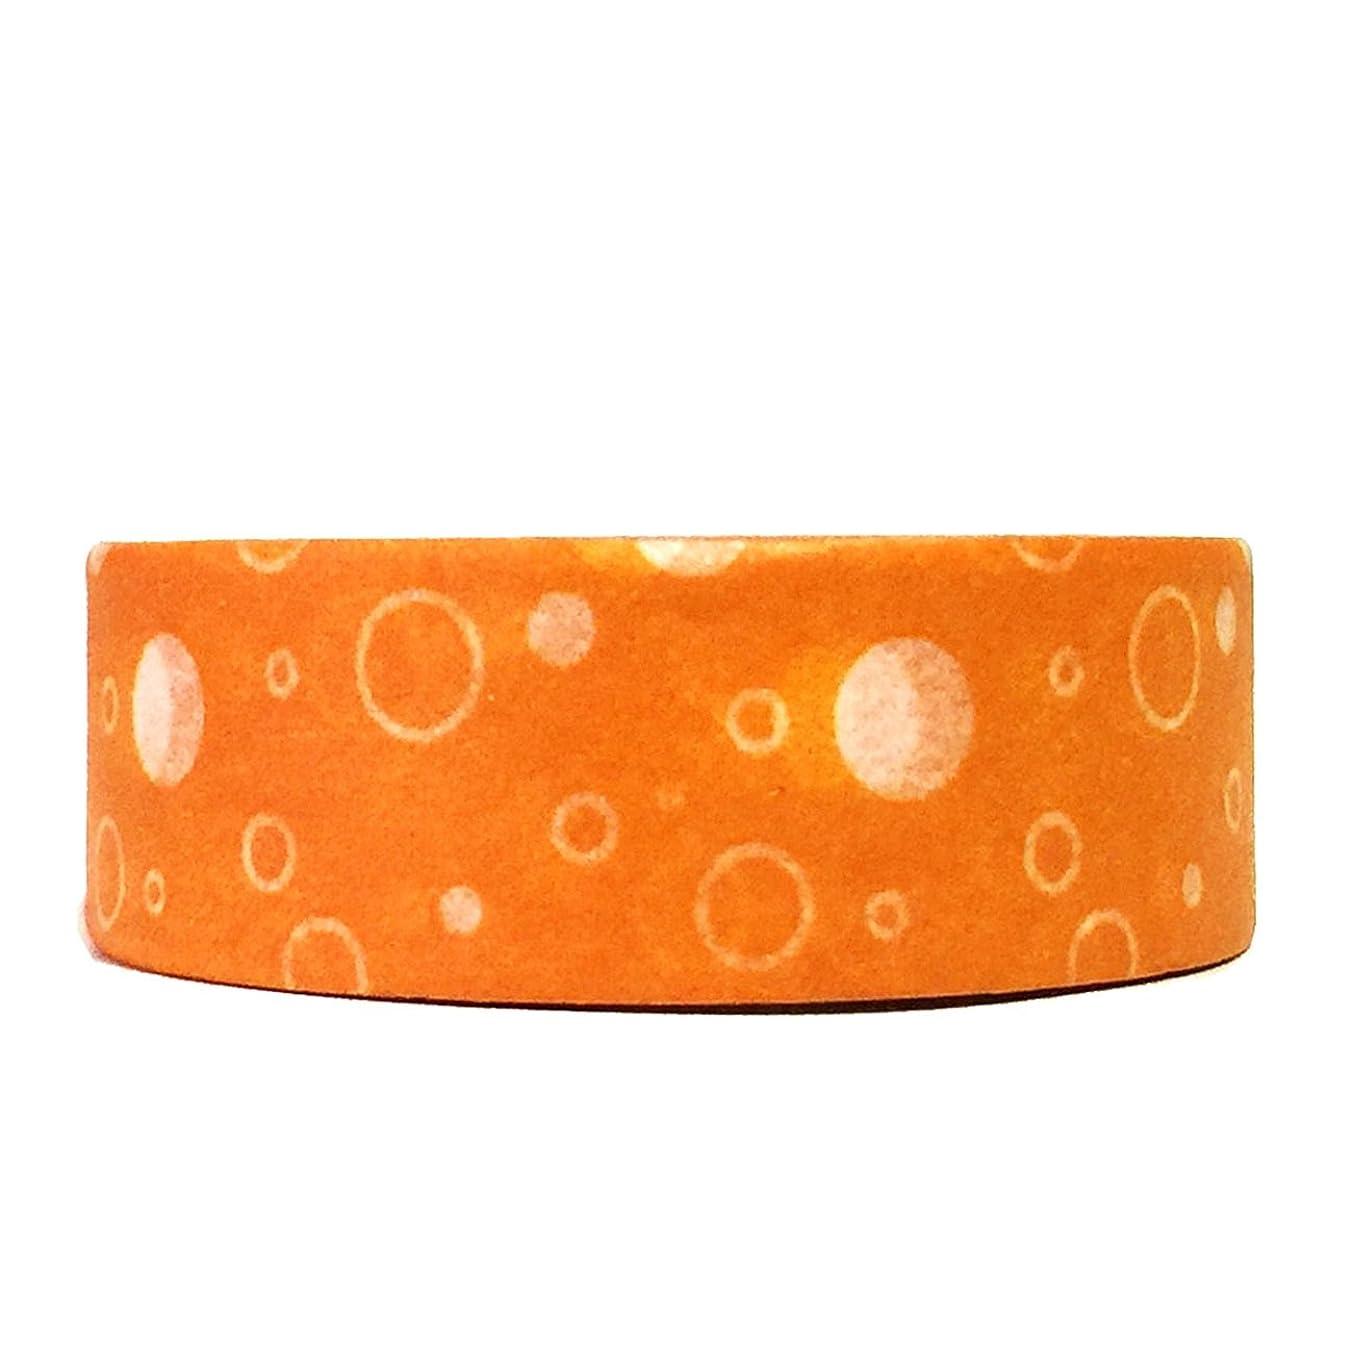 Wrapables Colorful Patterns Washi Masking Tape, Orange Bubbles